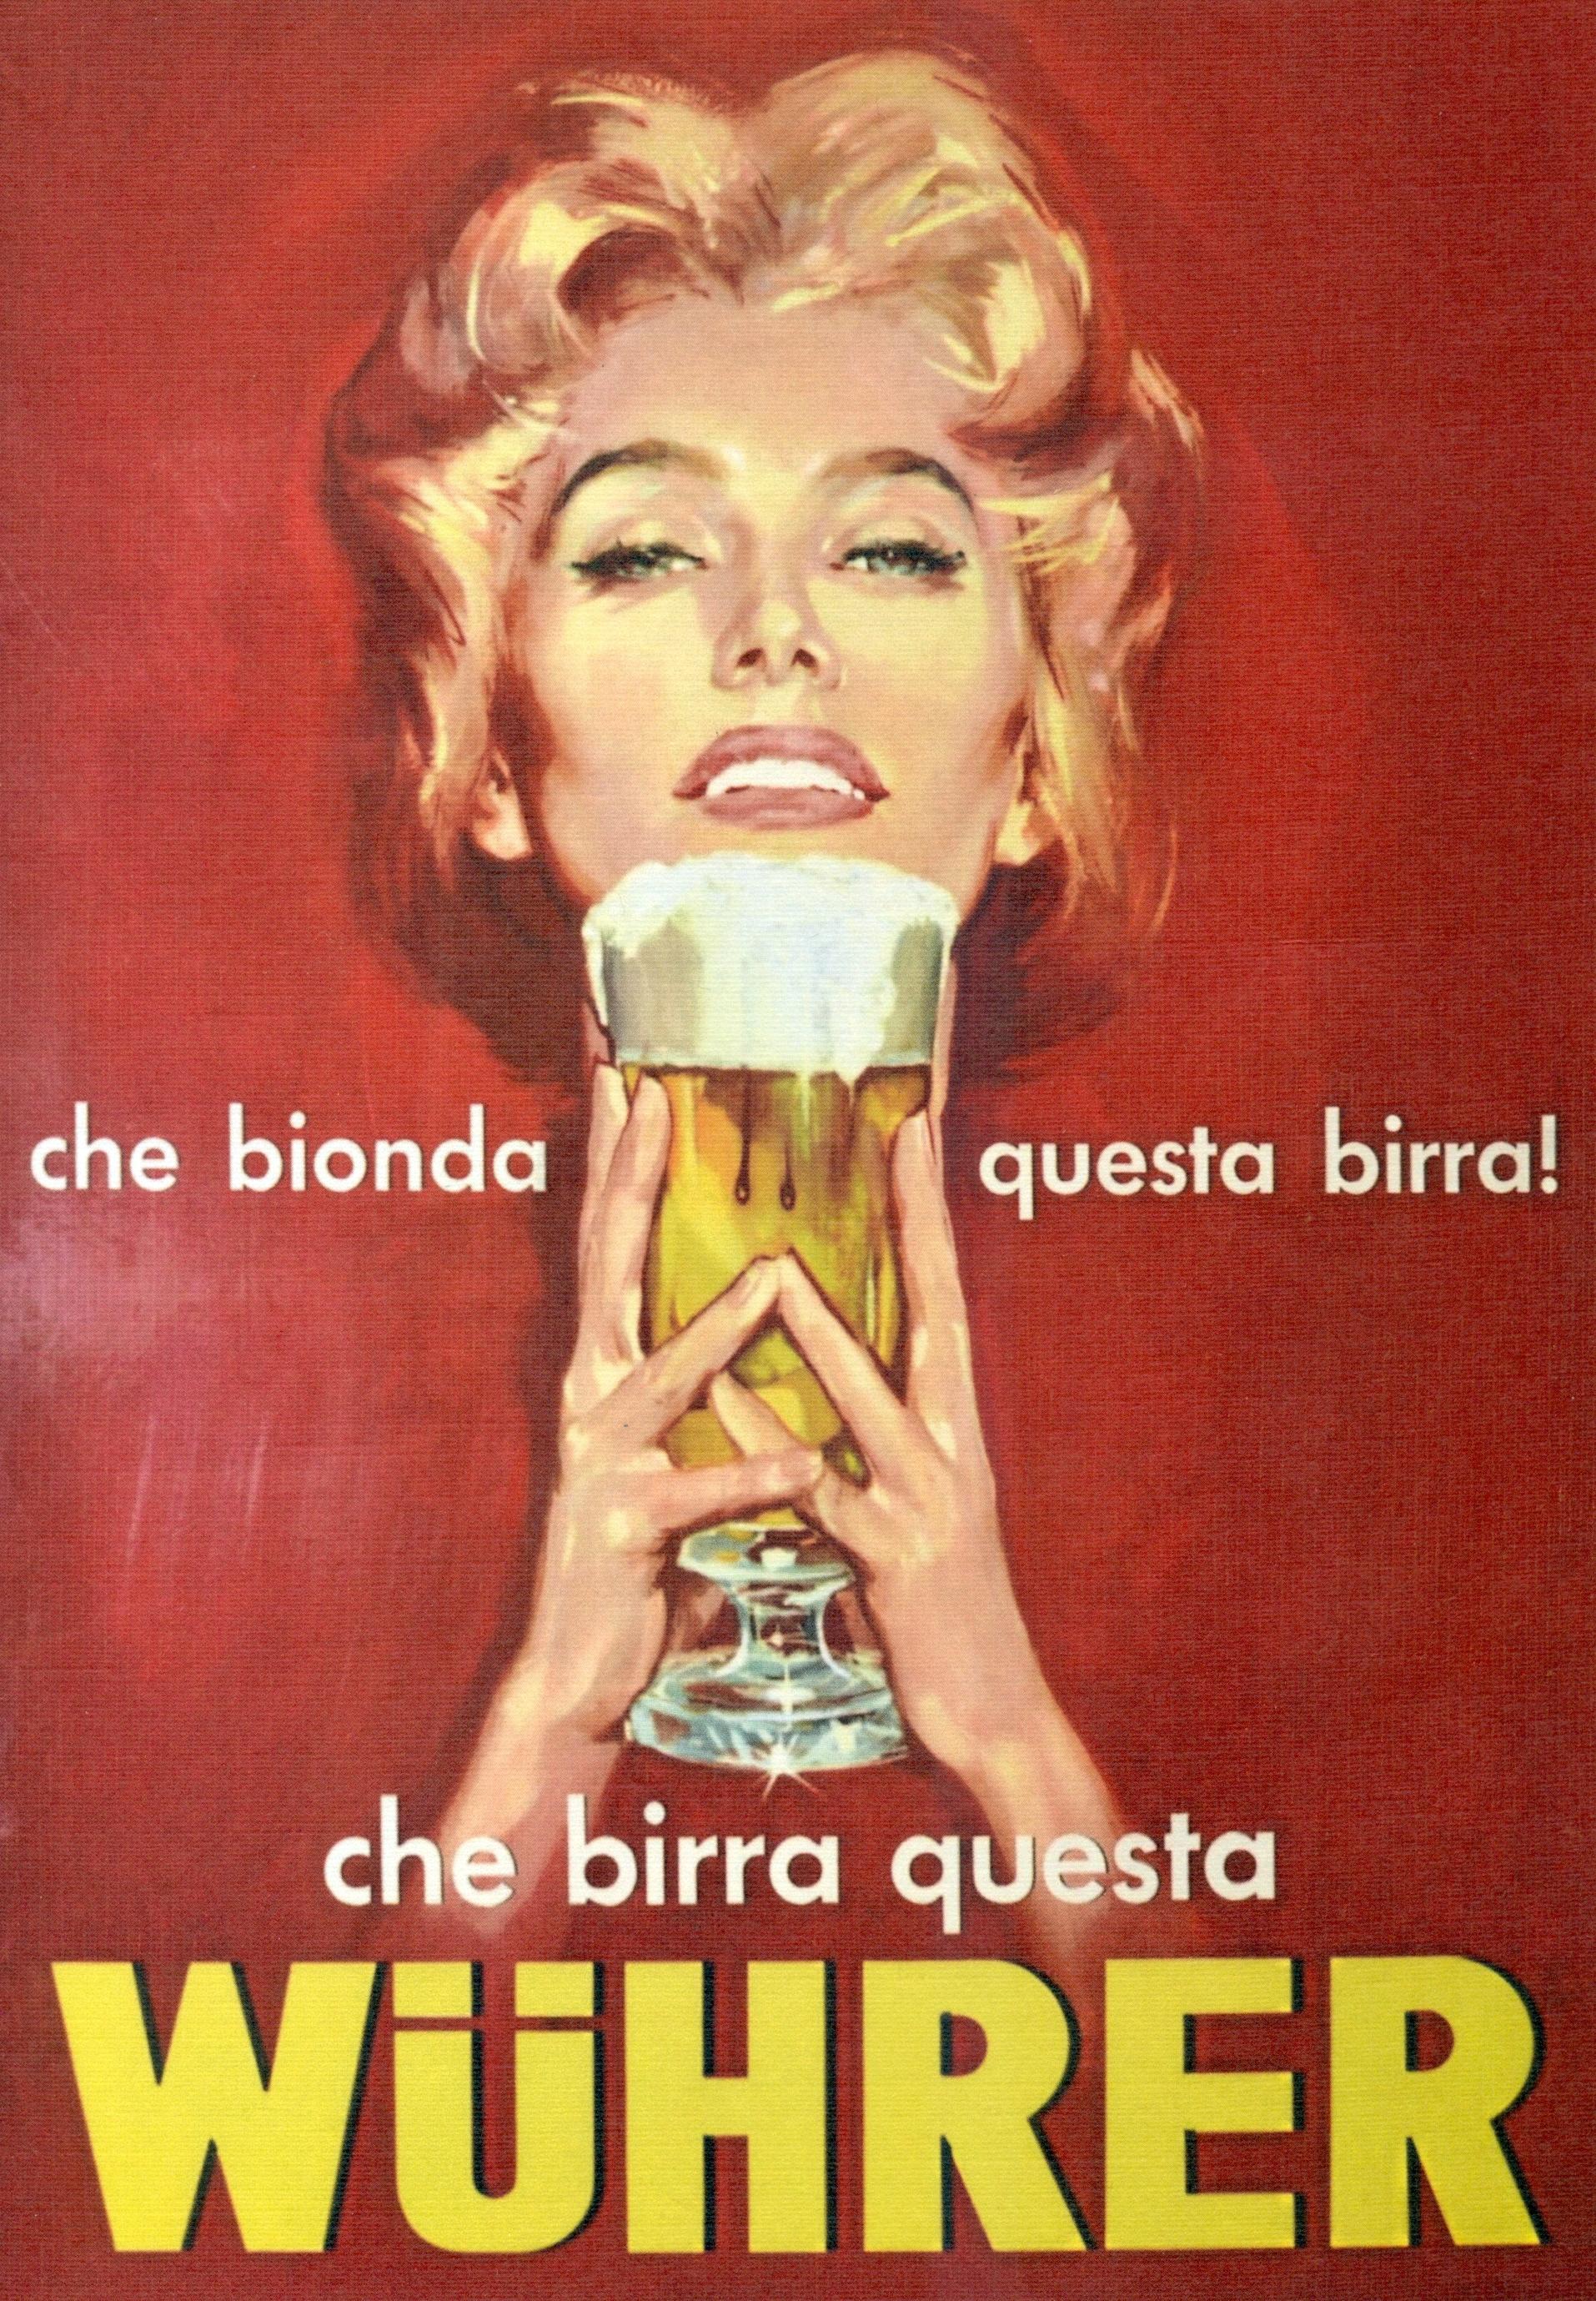 Wührer ricordi e nuove birre a Brescia all'Antica Birreria